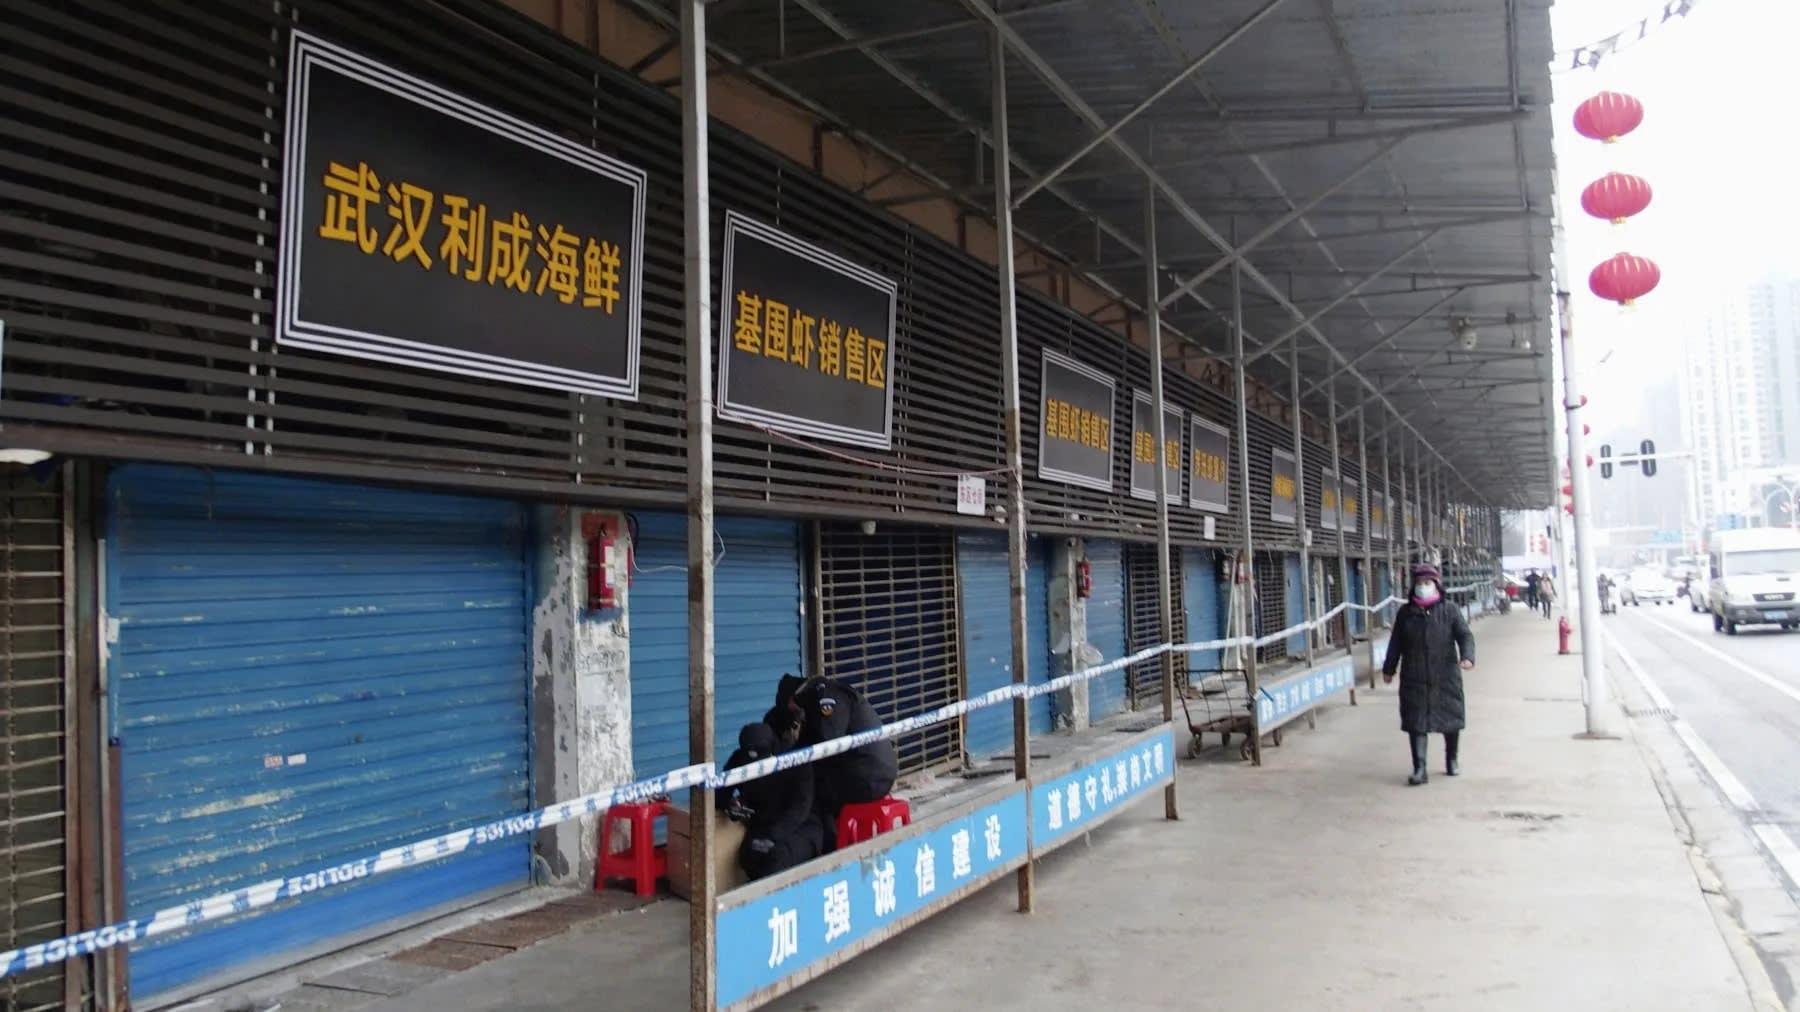 Các trường hợp nhiễm virus mới tại Vũ Hán đa phần có liên quan đến một ngôi chợ, nhưng cũng có vài trường hợp không thể hiện mối liên kết này.